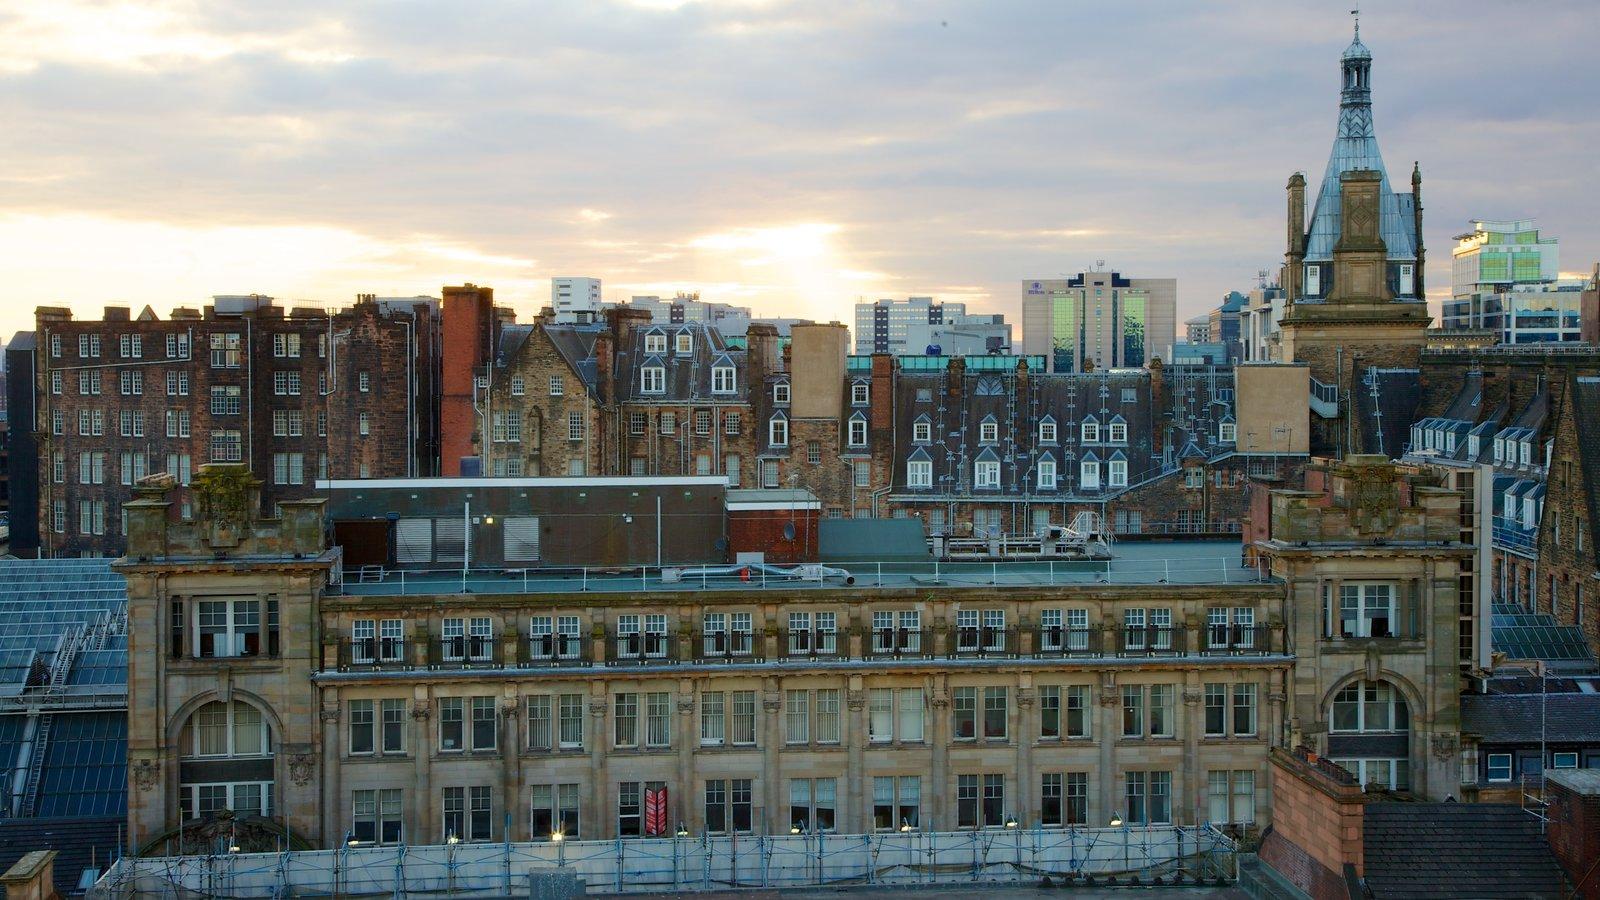 Farol que inclui uma cidade, arquitetura de patrimônio e um pôr do sol